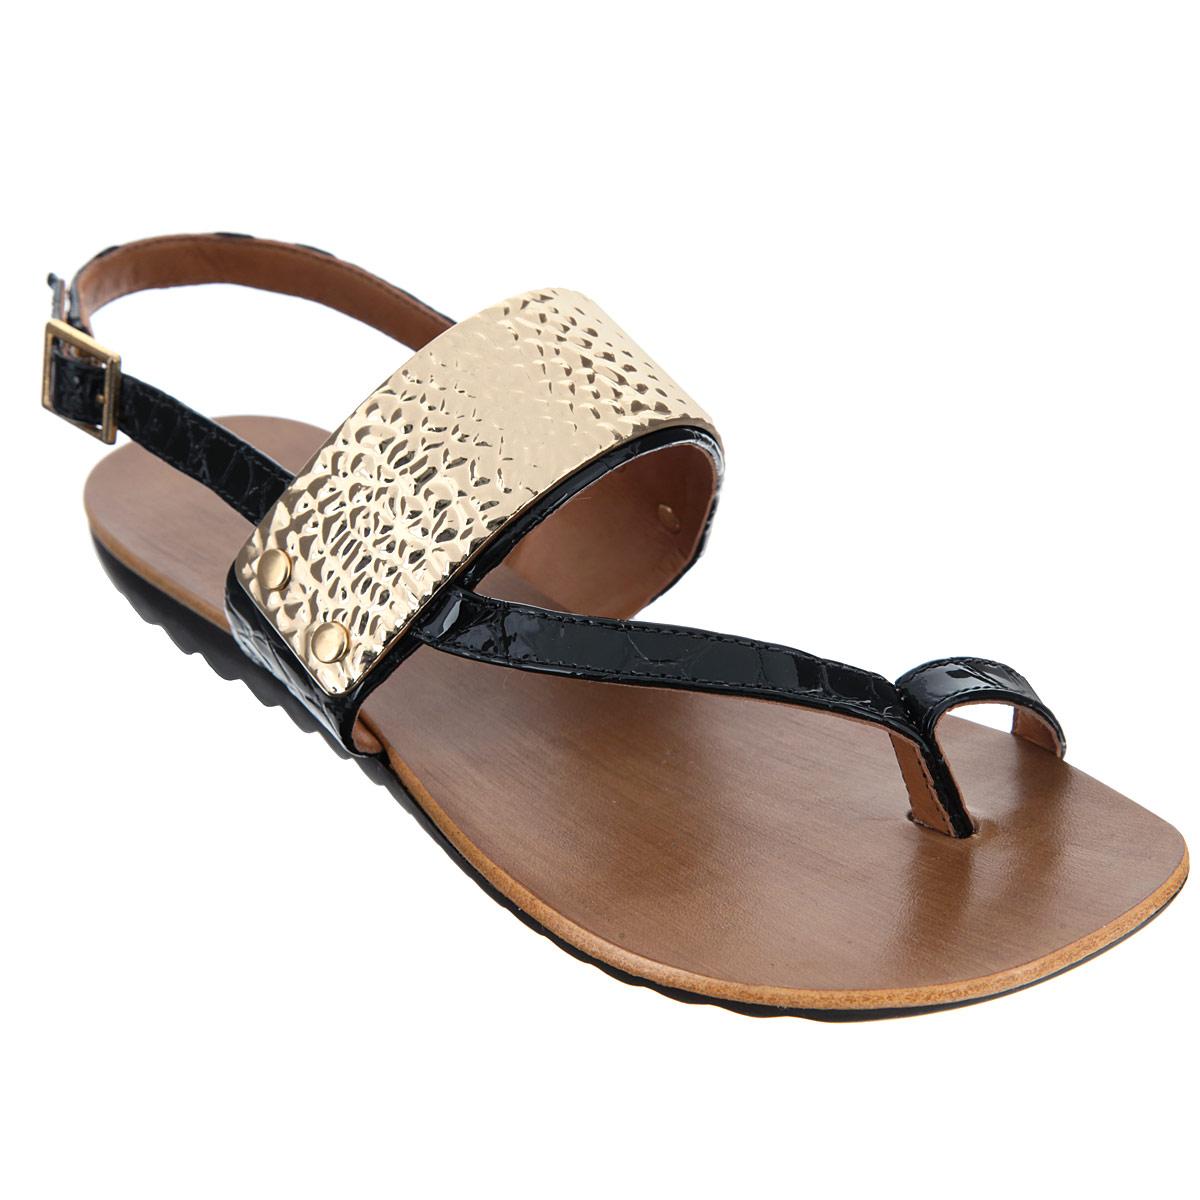 S56306V25Оригинальные сандалии от Luz Da Lua заинтересуют вас своим дизайном. Модель выполнена из натуральной лакированной кожи и декорирована тиснением под рептилию. Поперечный ремень оформлен фактурной золотистой накладкой с декоративными элементами, имитирующими болты. Ремешок с металлической пряжкой прямоугольной формы и ремешок для большого пальца отвечают за надежную фиксацию модели на ноге. Длина ремешка с пряжкой регулируется за счет болта. Верхняя часть подошвы, дополненная тисненым названием бренда, стилизована под дерево. Нижняя часть подошвы с противоскользящим рифлением обеспечивает идеальное сцепление с любыми поверхностями. Эффектные сандалии позволят вам выделиться среди толпы!